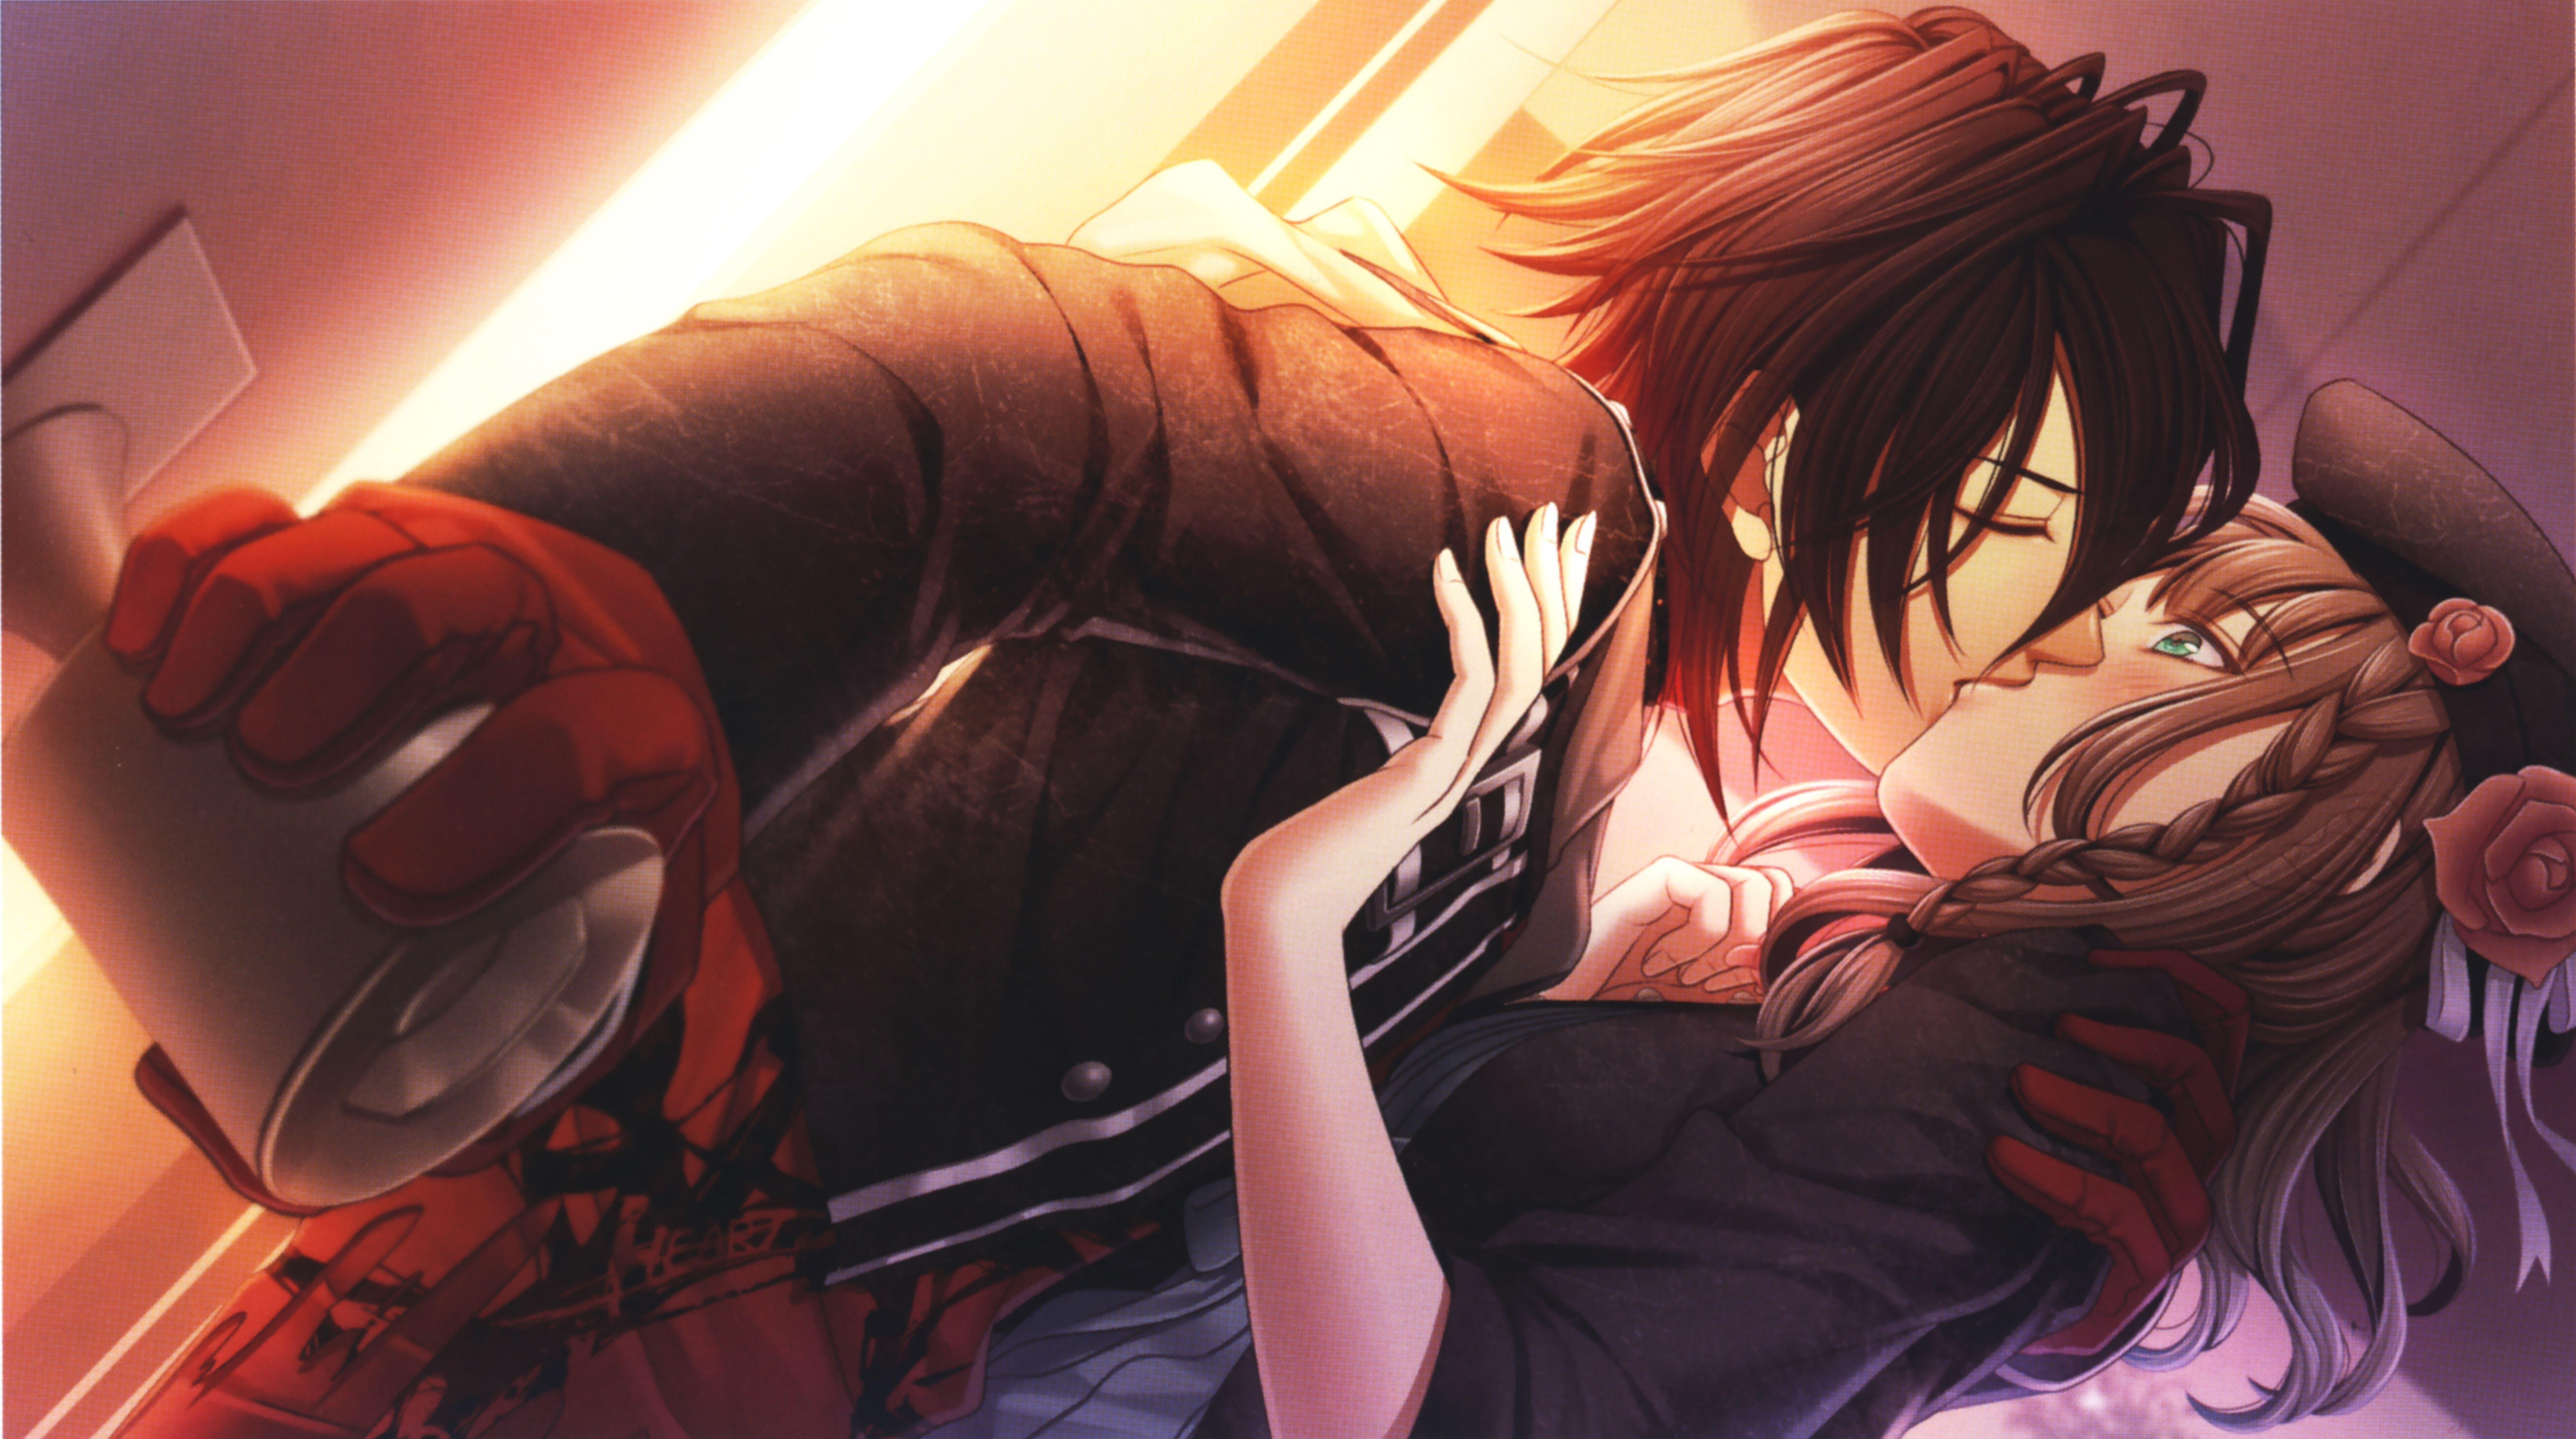 Amnesia Heroine and Shin